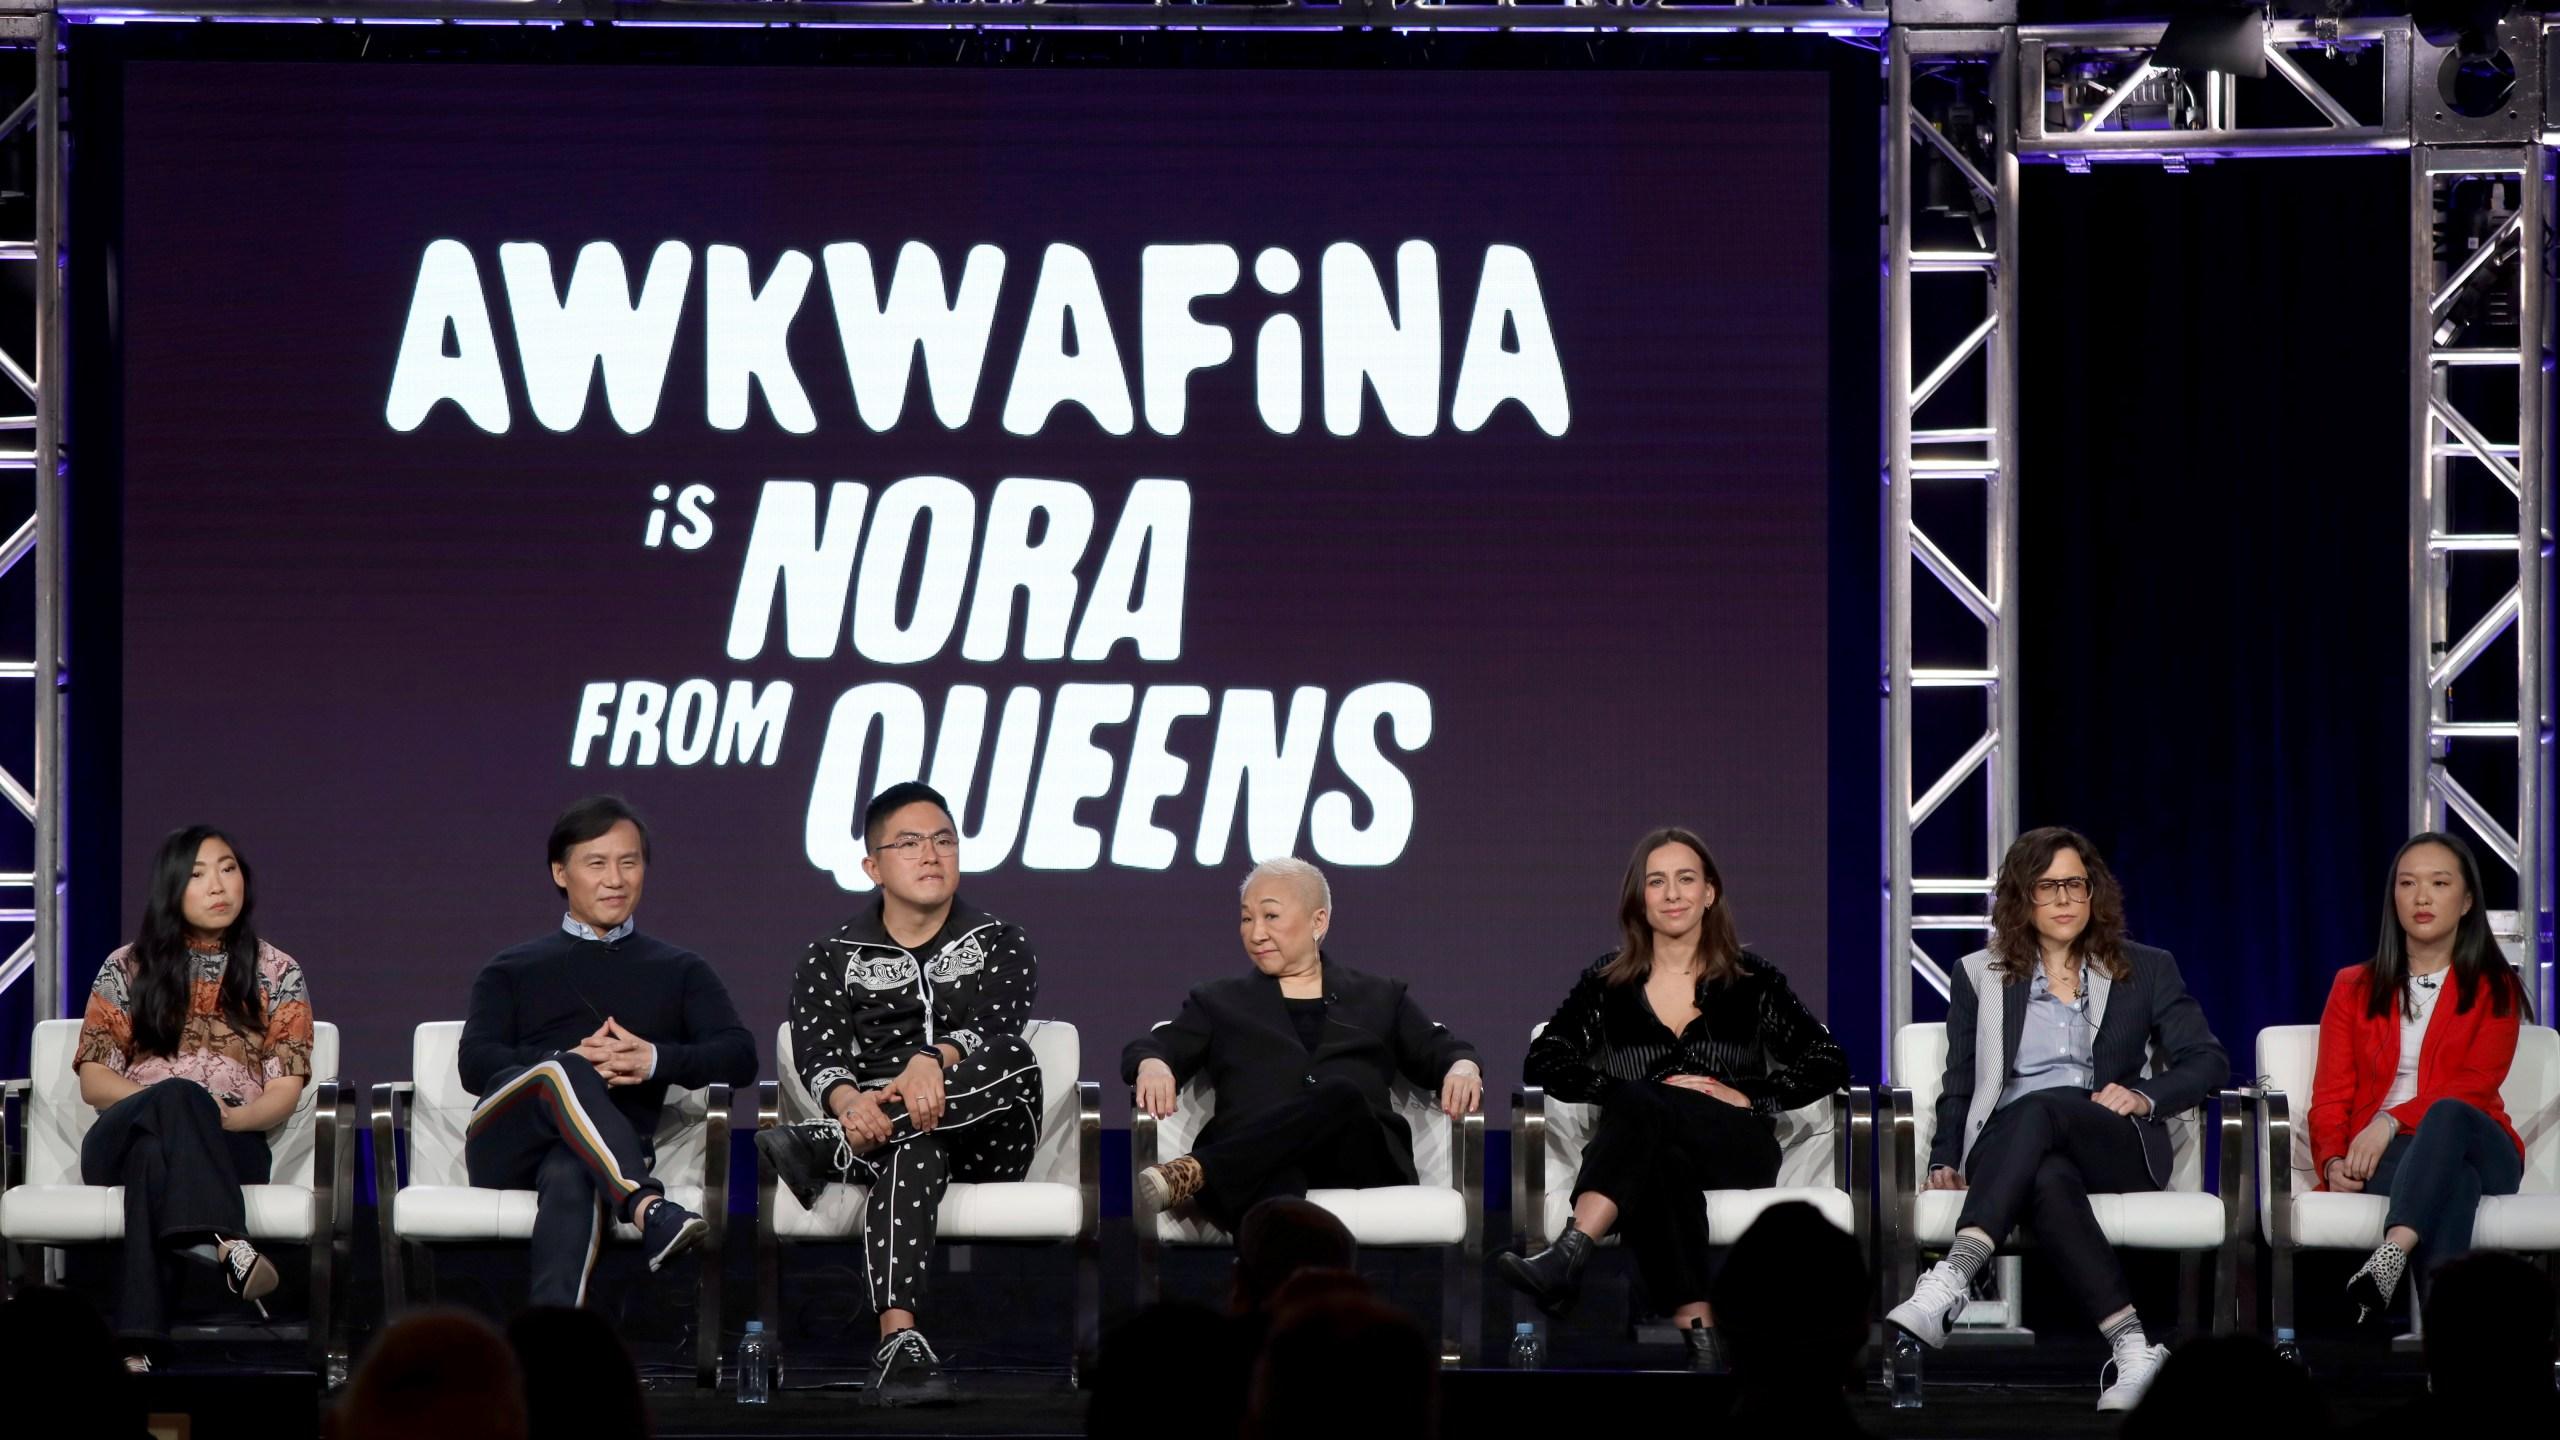 Awkwafina, BD Wong, Bowen Yang, Lori Tan Chinn, Lucia Aniello, Karey Dornetto, Teresa Hsiao